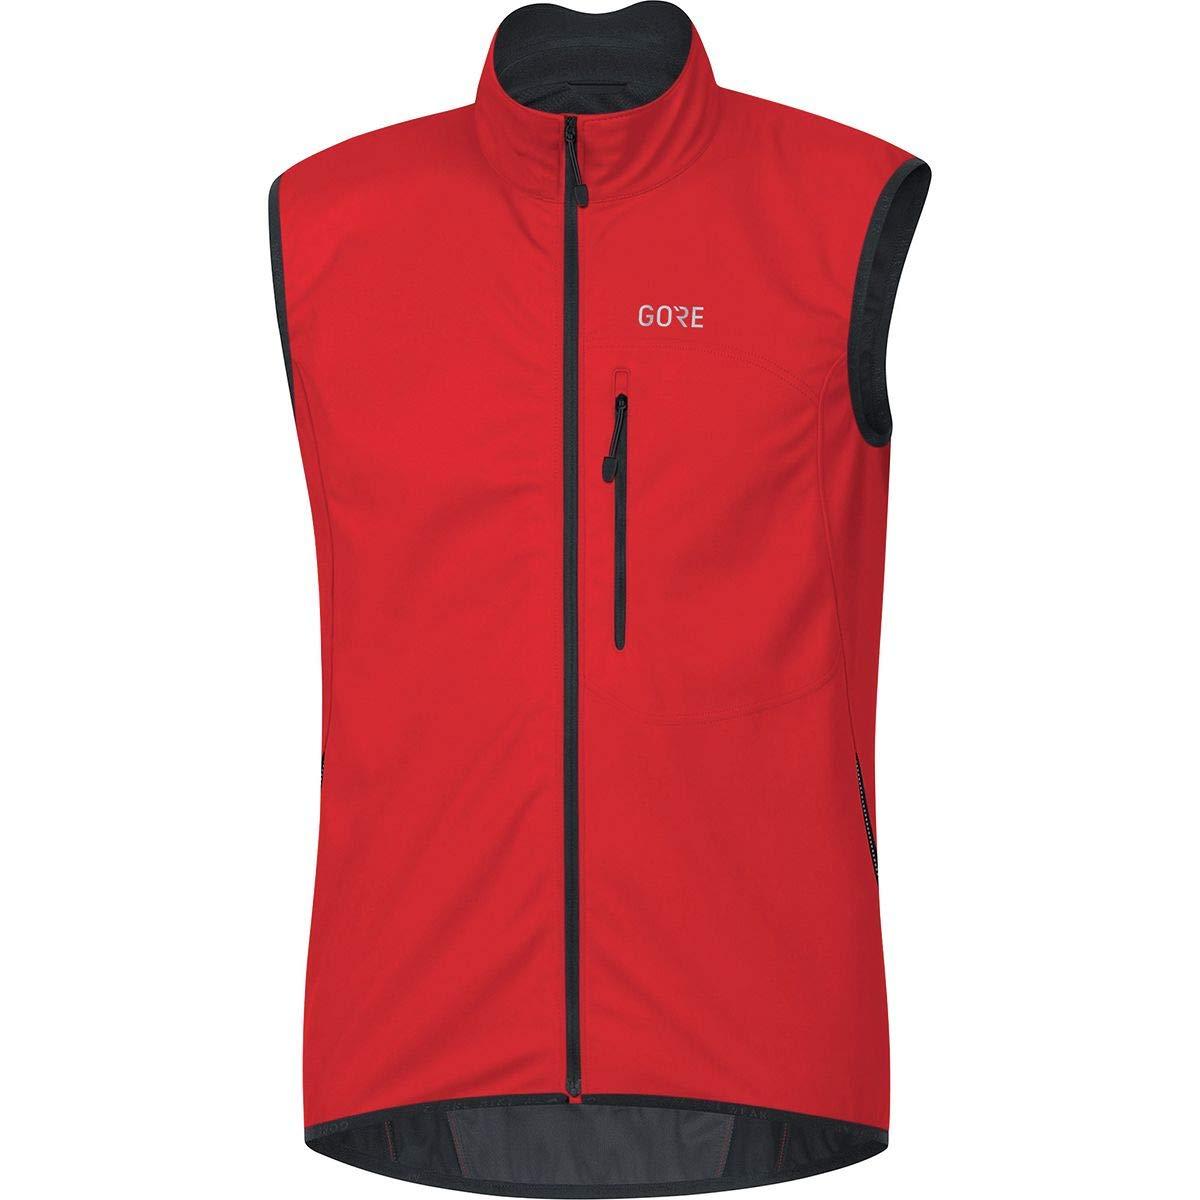 GORE Wear Men's Windproof Cycling Vest, GORE Wear C3 GORE Wear WINDSTOPPER Vest, Size: S, Color: Red, 100037 by GORE WEAR